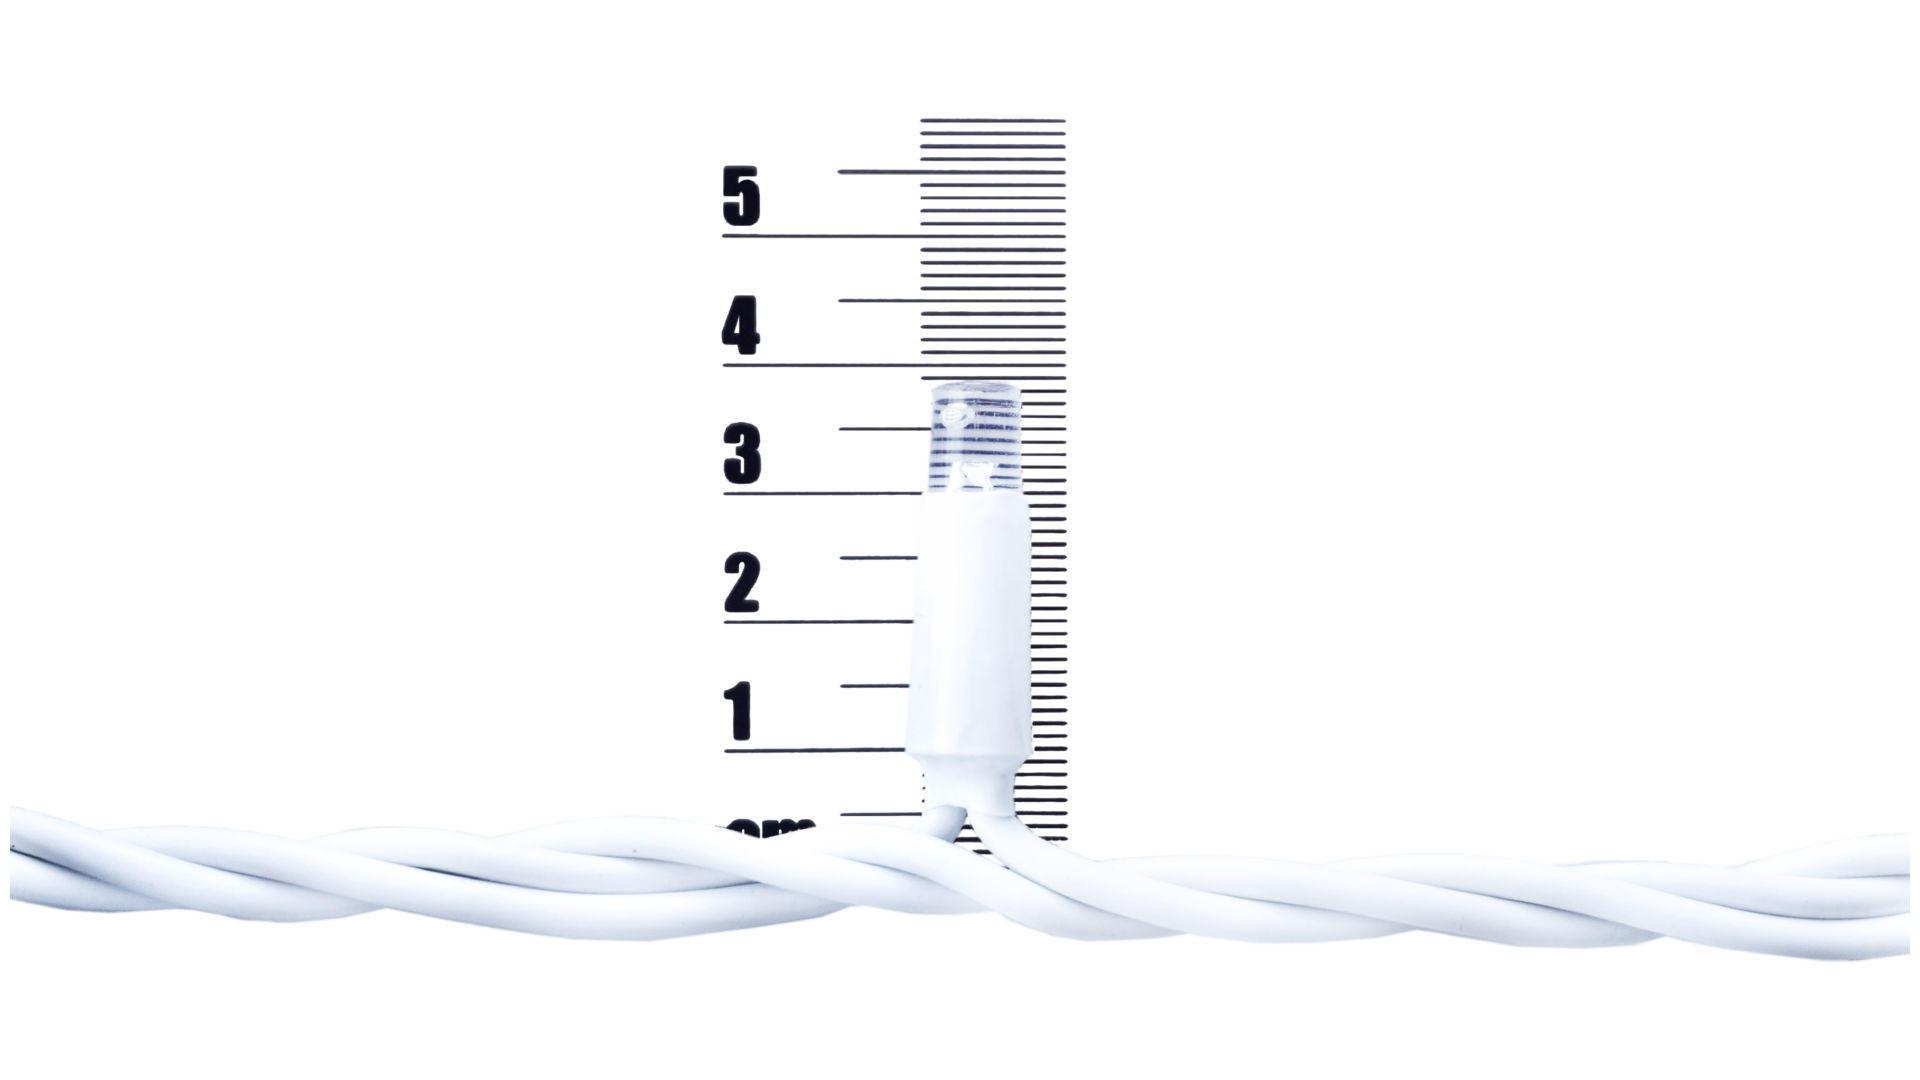 Гирлянда-дождик уличная светодиодная PRC WP - 100 LED белая Color 2